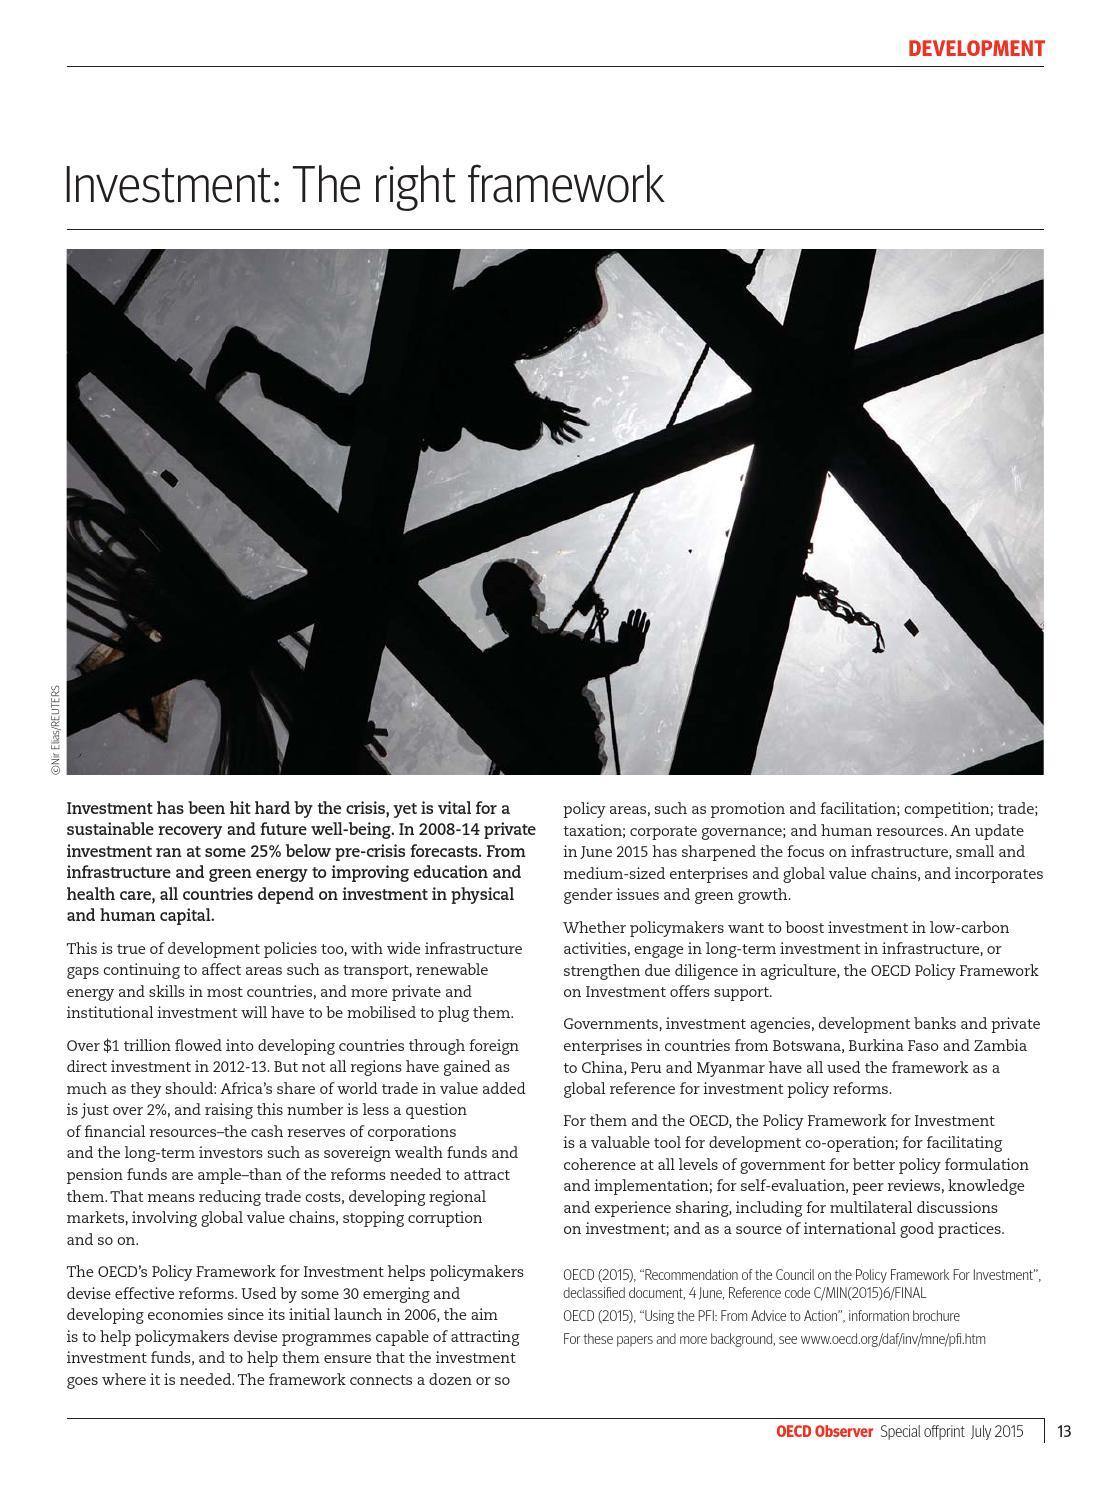 OECD Observer Special Offprint July 2015 Spotlight